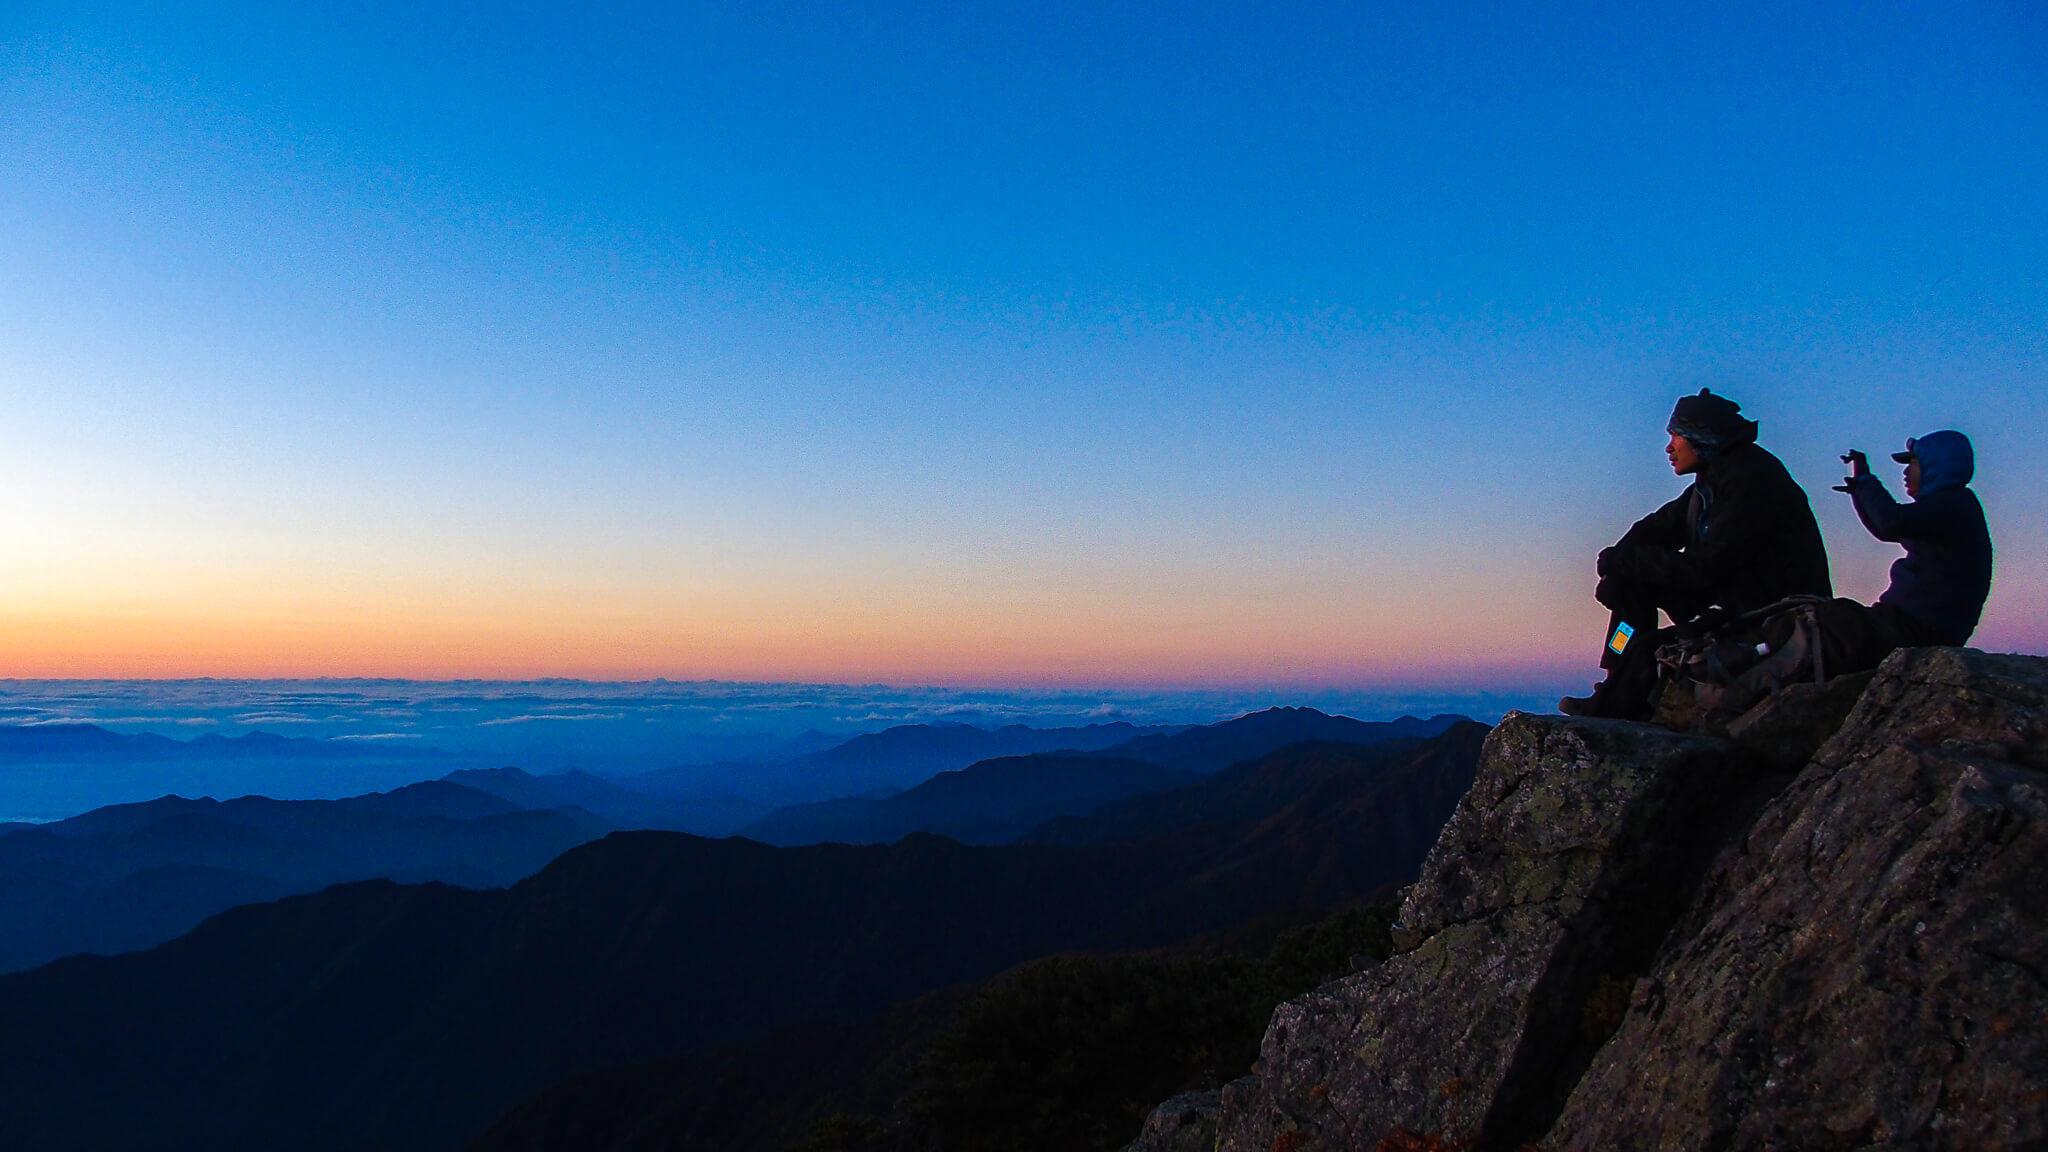 北岳・北岳にて日の出を待つ人たち